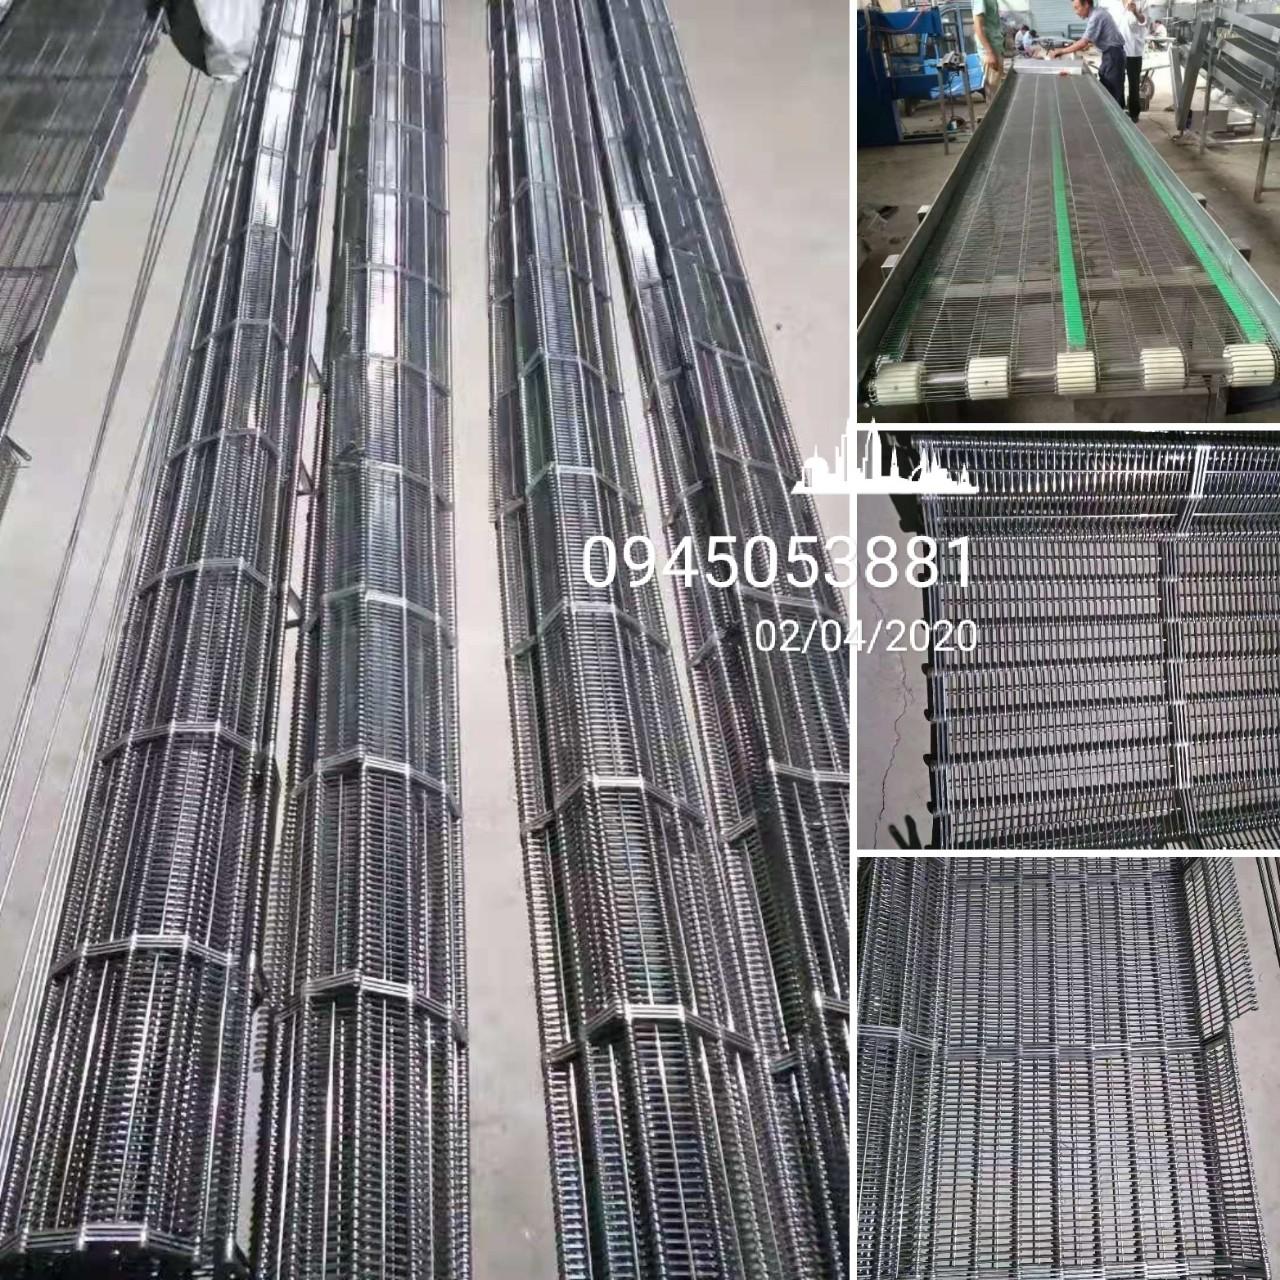 Băng tải lưới Inox 304 sợi đan bậc thang - chữ Z - Chữ I - Chạy Thẳng - Sợi Xoắn